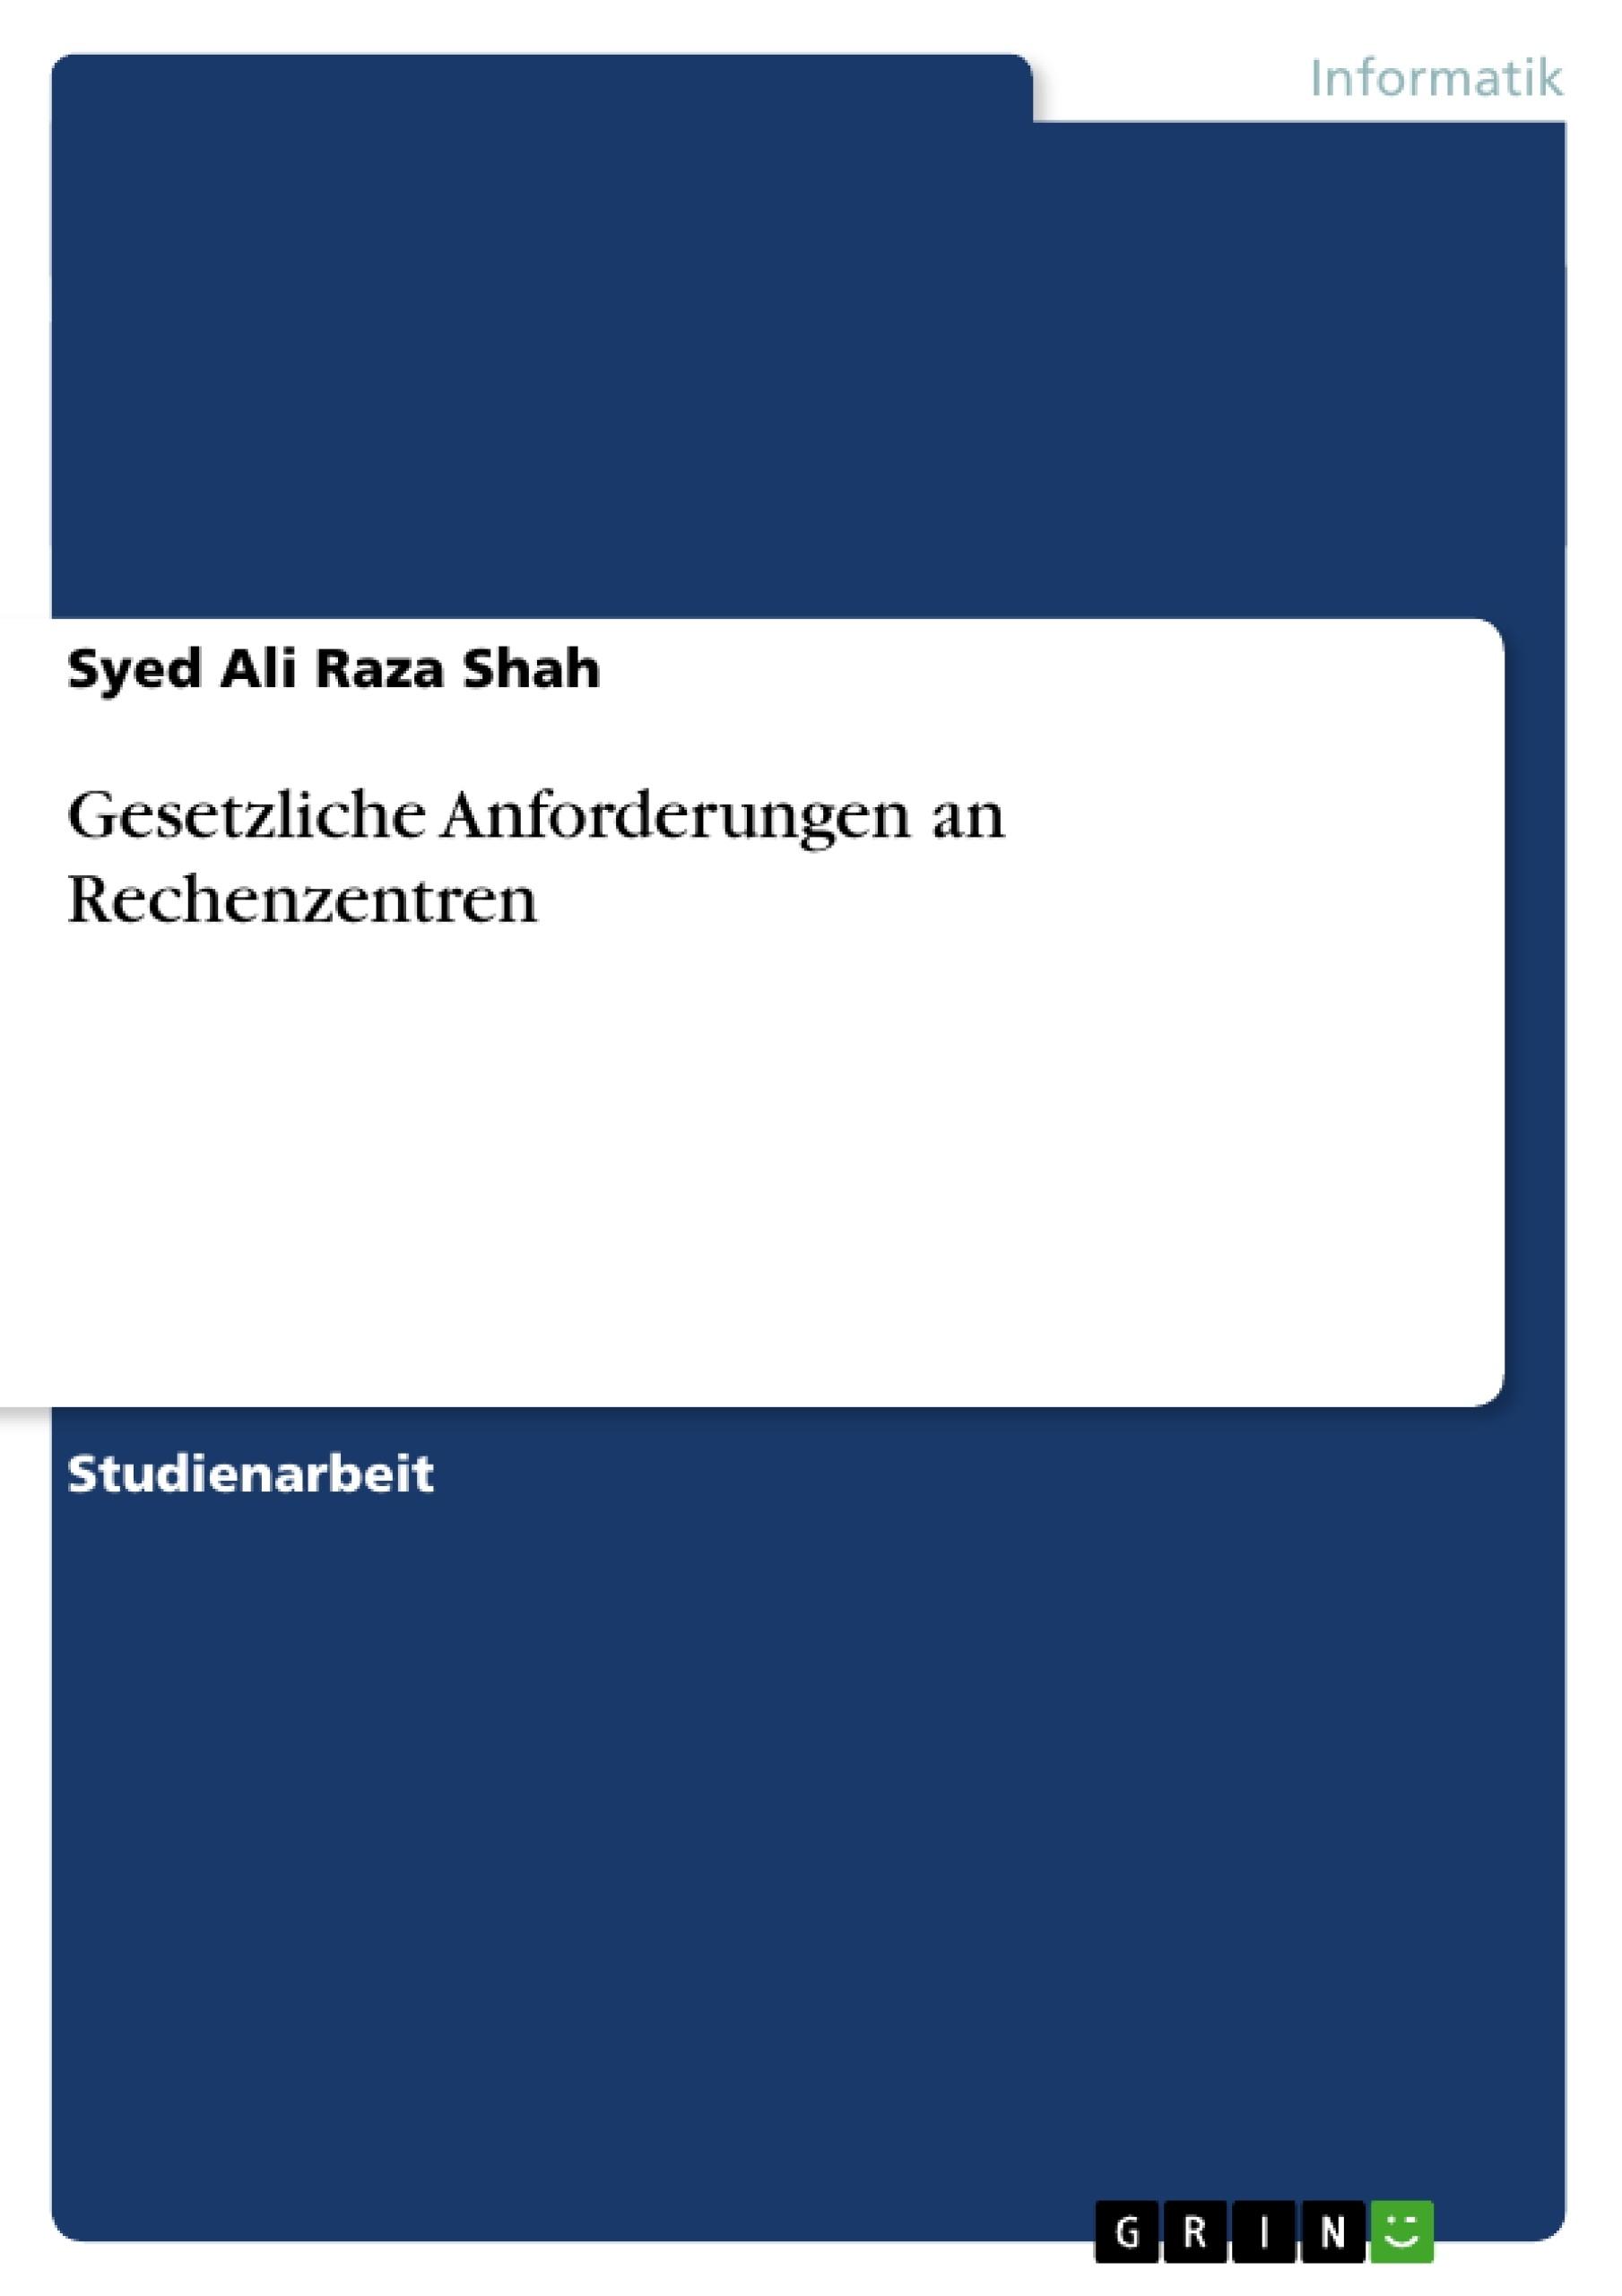 Titel: Gesetzliche Anforderungen an Rechenzentren